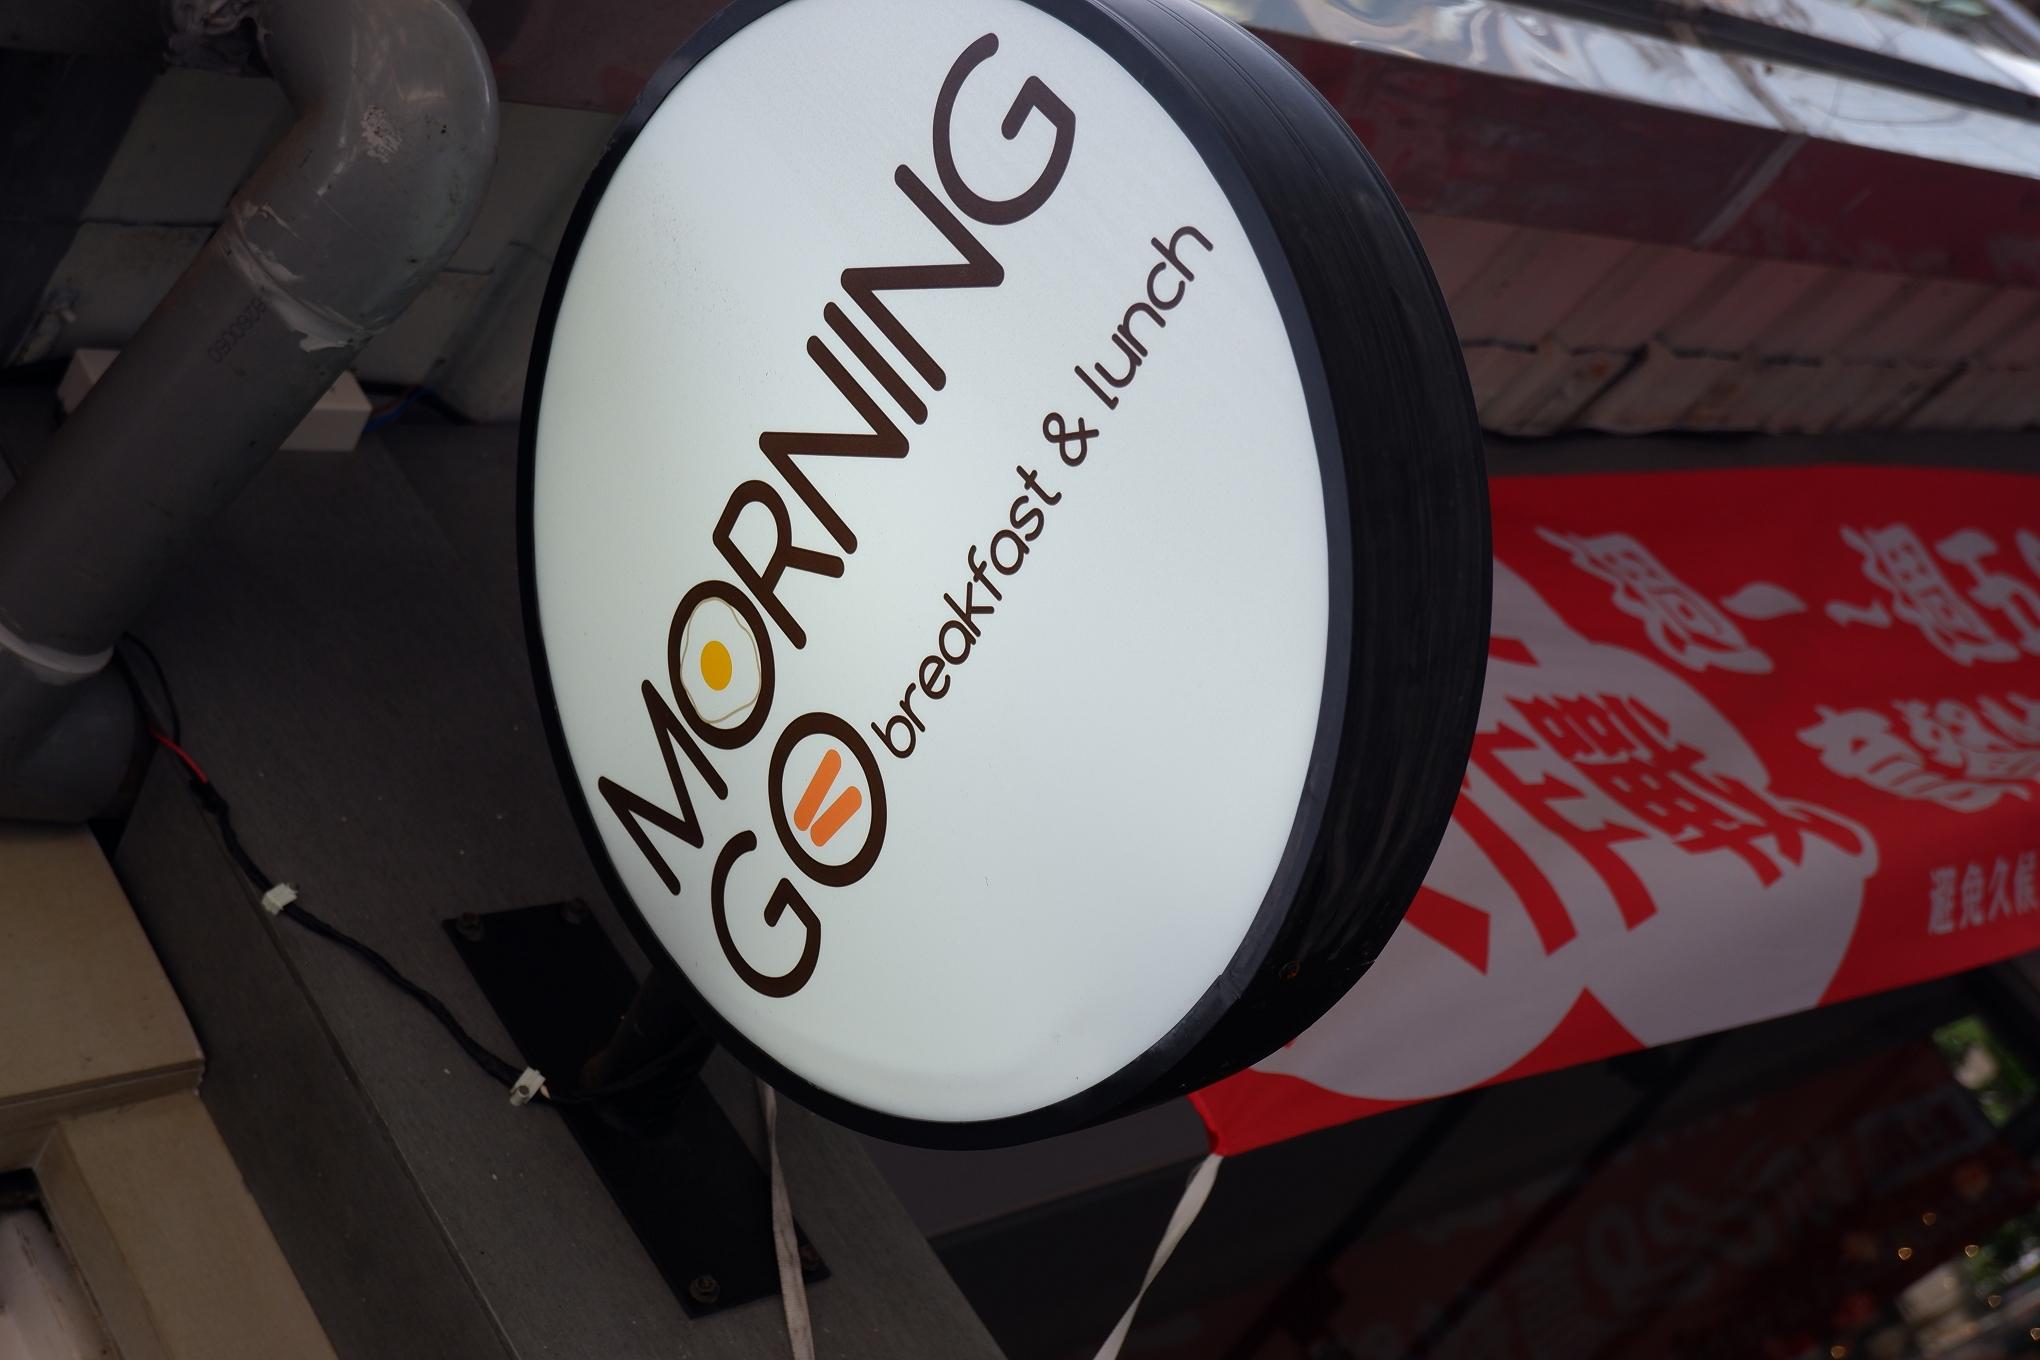 【台北 小巨蛋早午餐推薦】MorningGo Brunch 松山區早午餐推薦 @貝大小姐與瑞餚姐の囂脂私蜜話